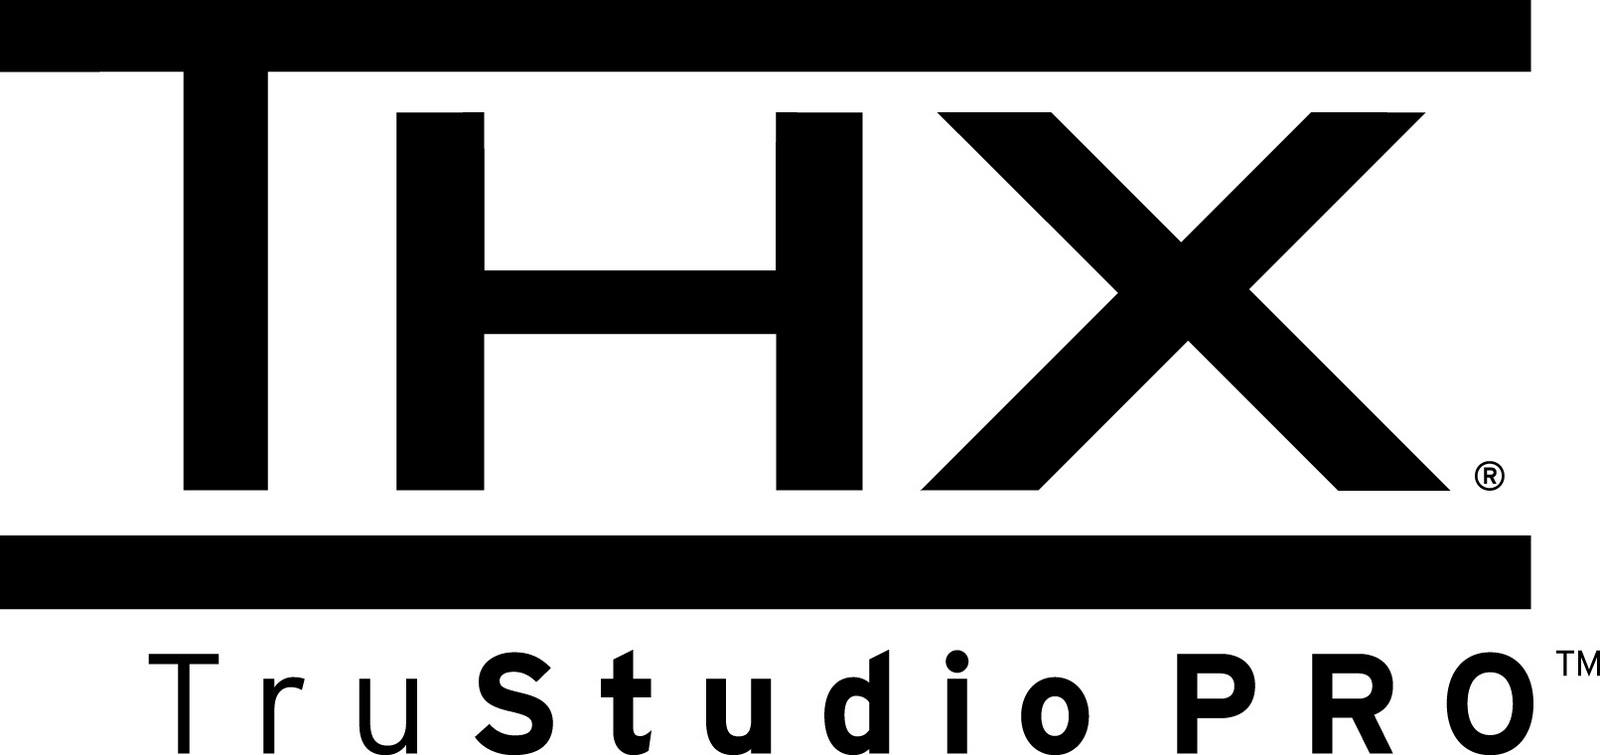 THX TruStudio Pro Wallpaper - High Resolution